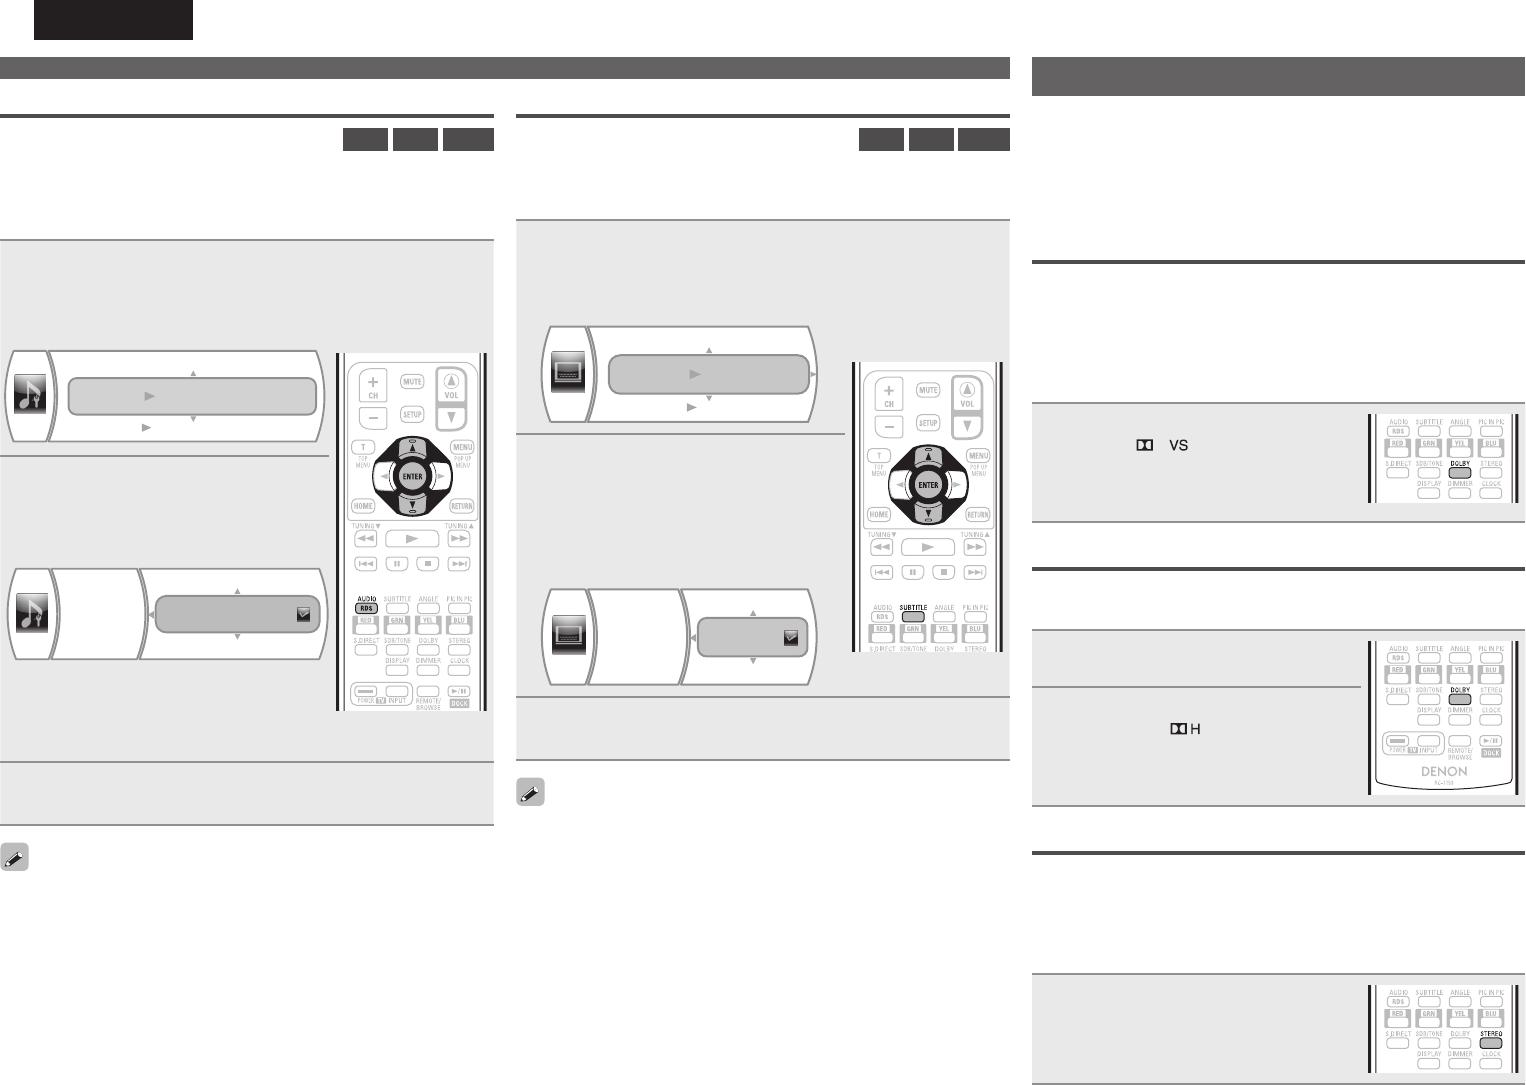 Bedienungsanleitung Denon RBD-X1000 (Seite 18 von 60) (Deutsch)